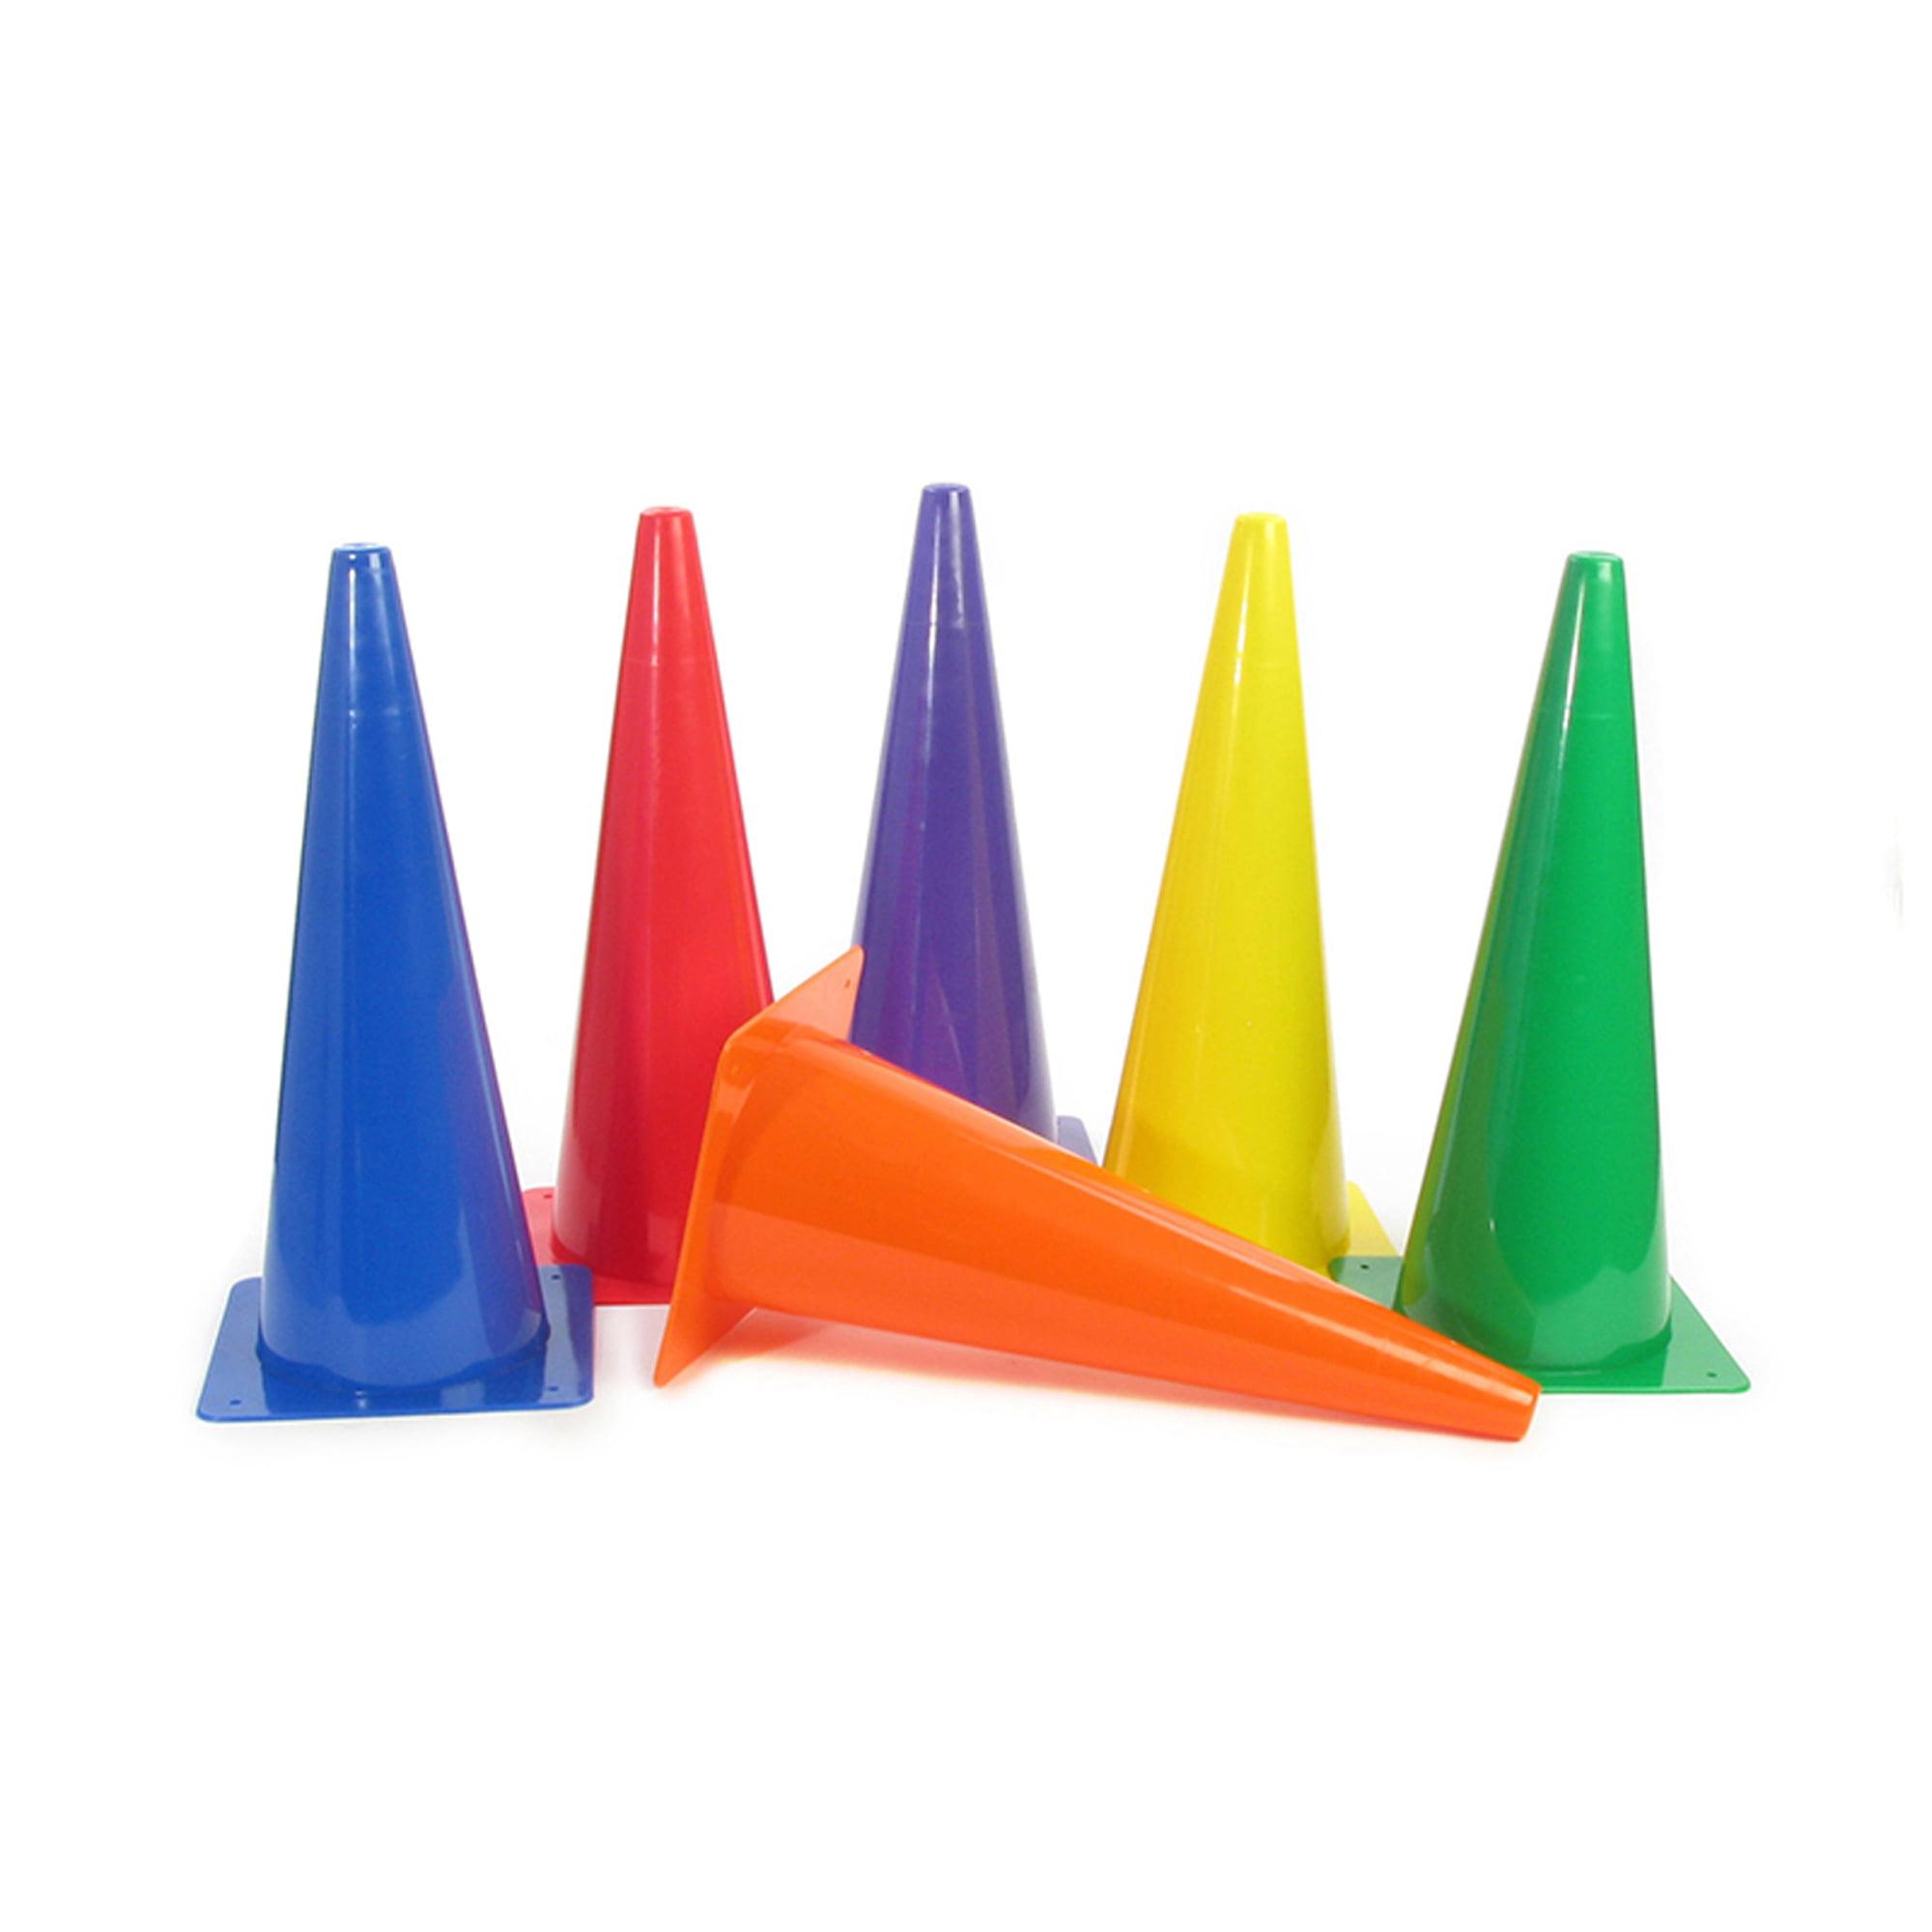 """Rigid Plastic Cones, 18"""", Set of 6"""